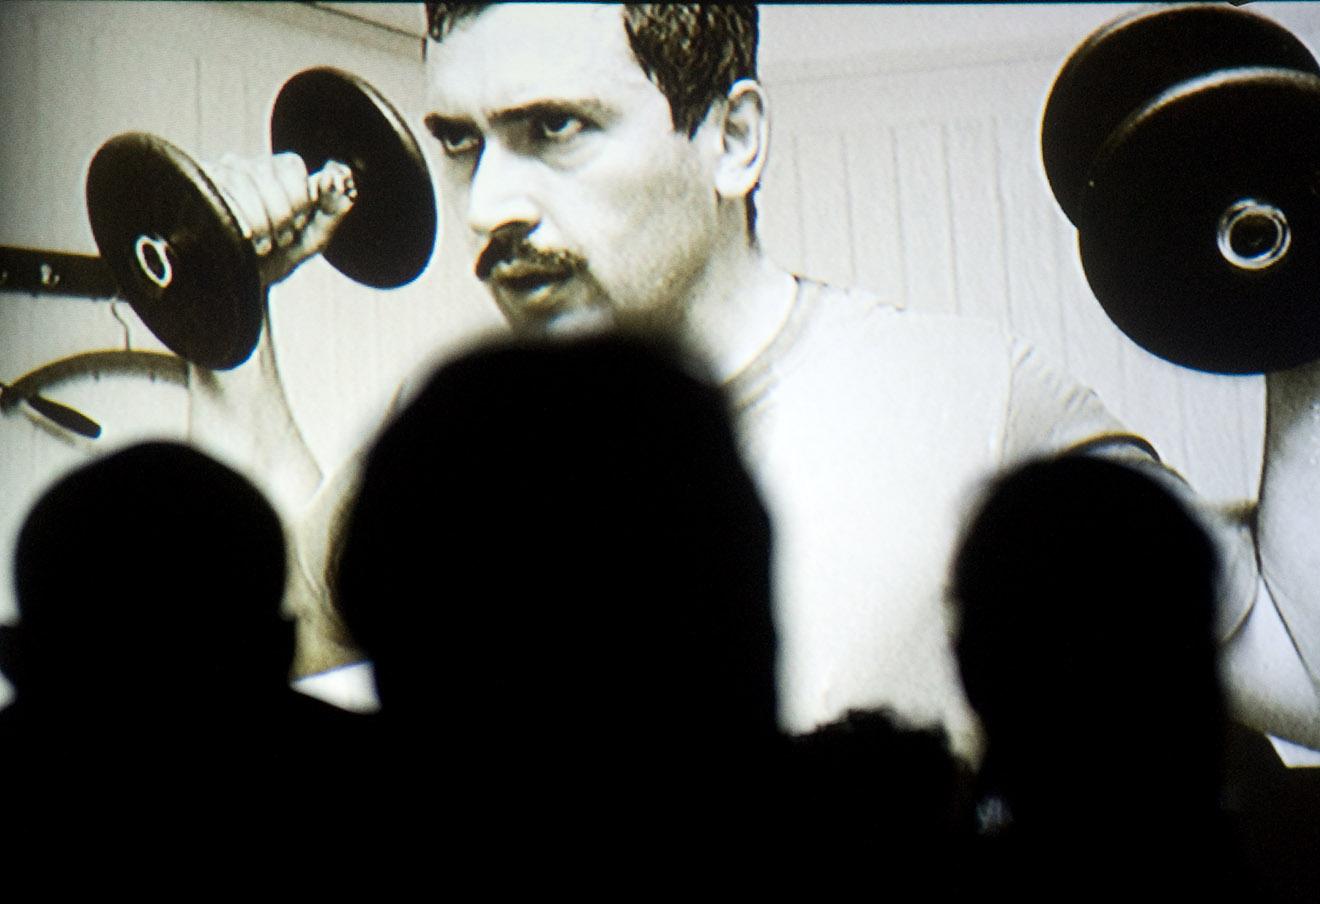 Пресс-показ документального фильма «Ходорковский» немецкого режиссера Кирилла Туши в Москве, 2011 год.